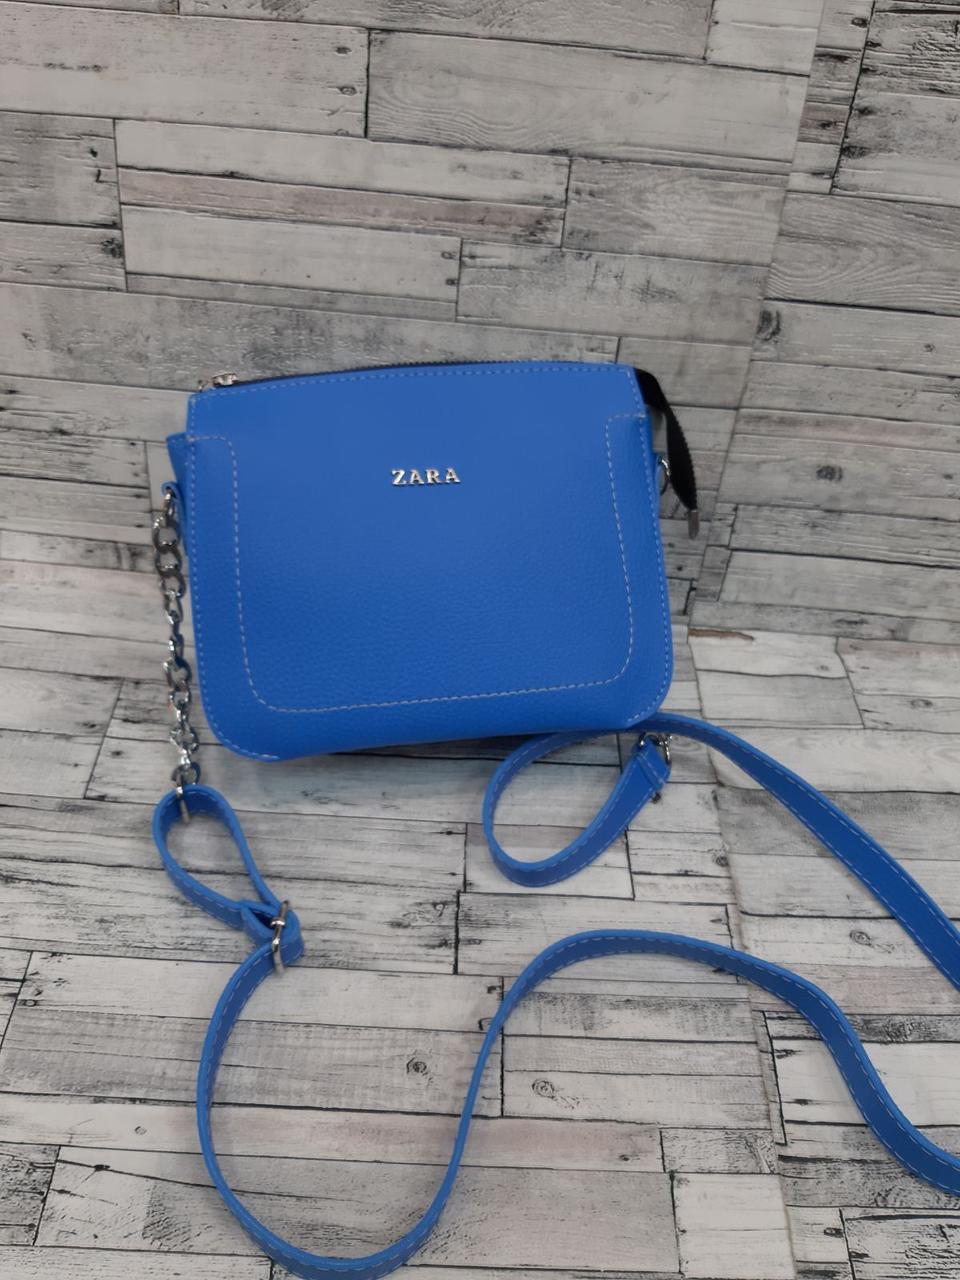 Женская Сумочка клатч ZARA  кож.зам на плечо сумка кросс-боди . Голубой